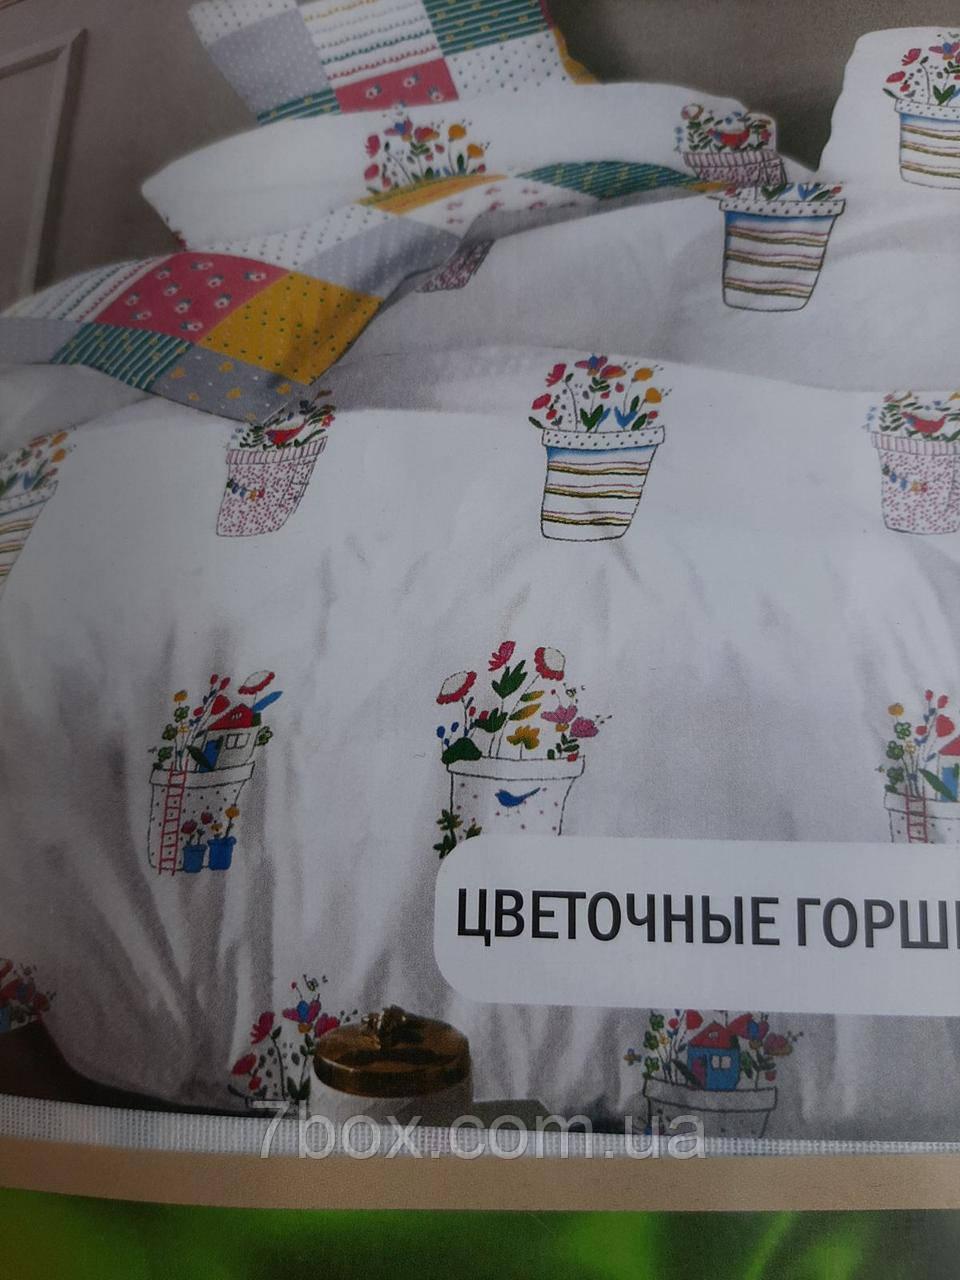 """Комплект постельного белья бязь """" -Цветочные горшки 2х двуспальный размер оптом"""